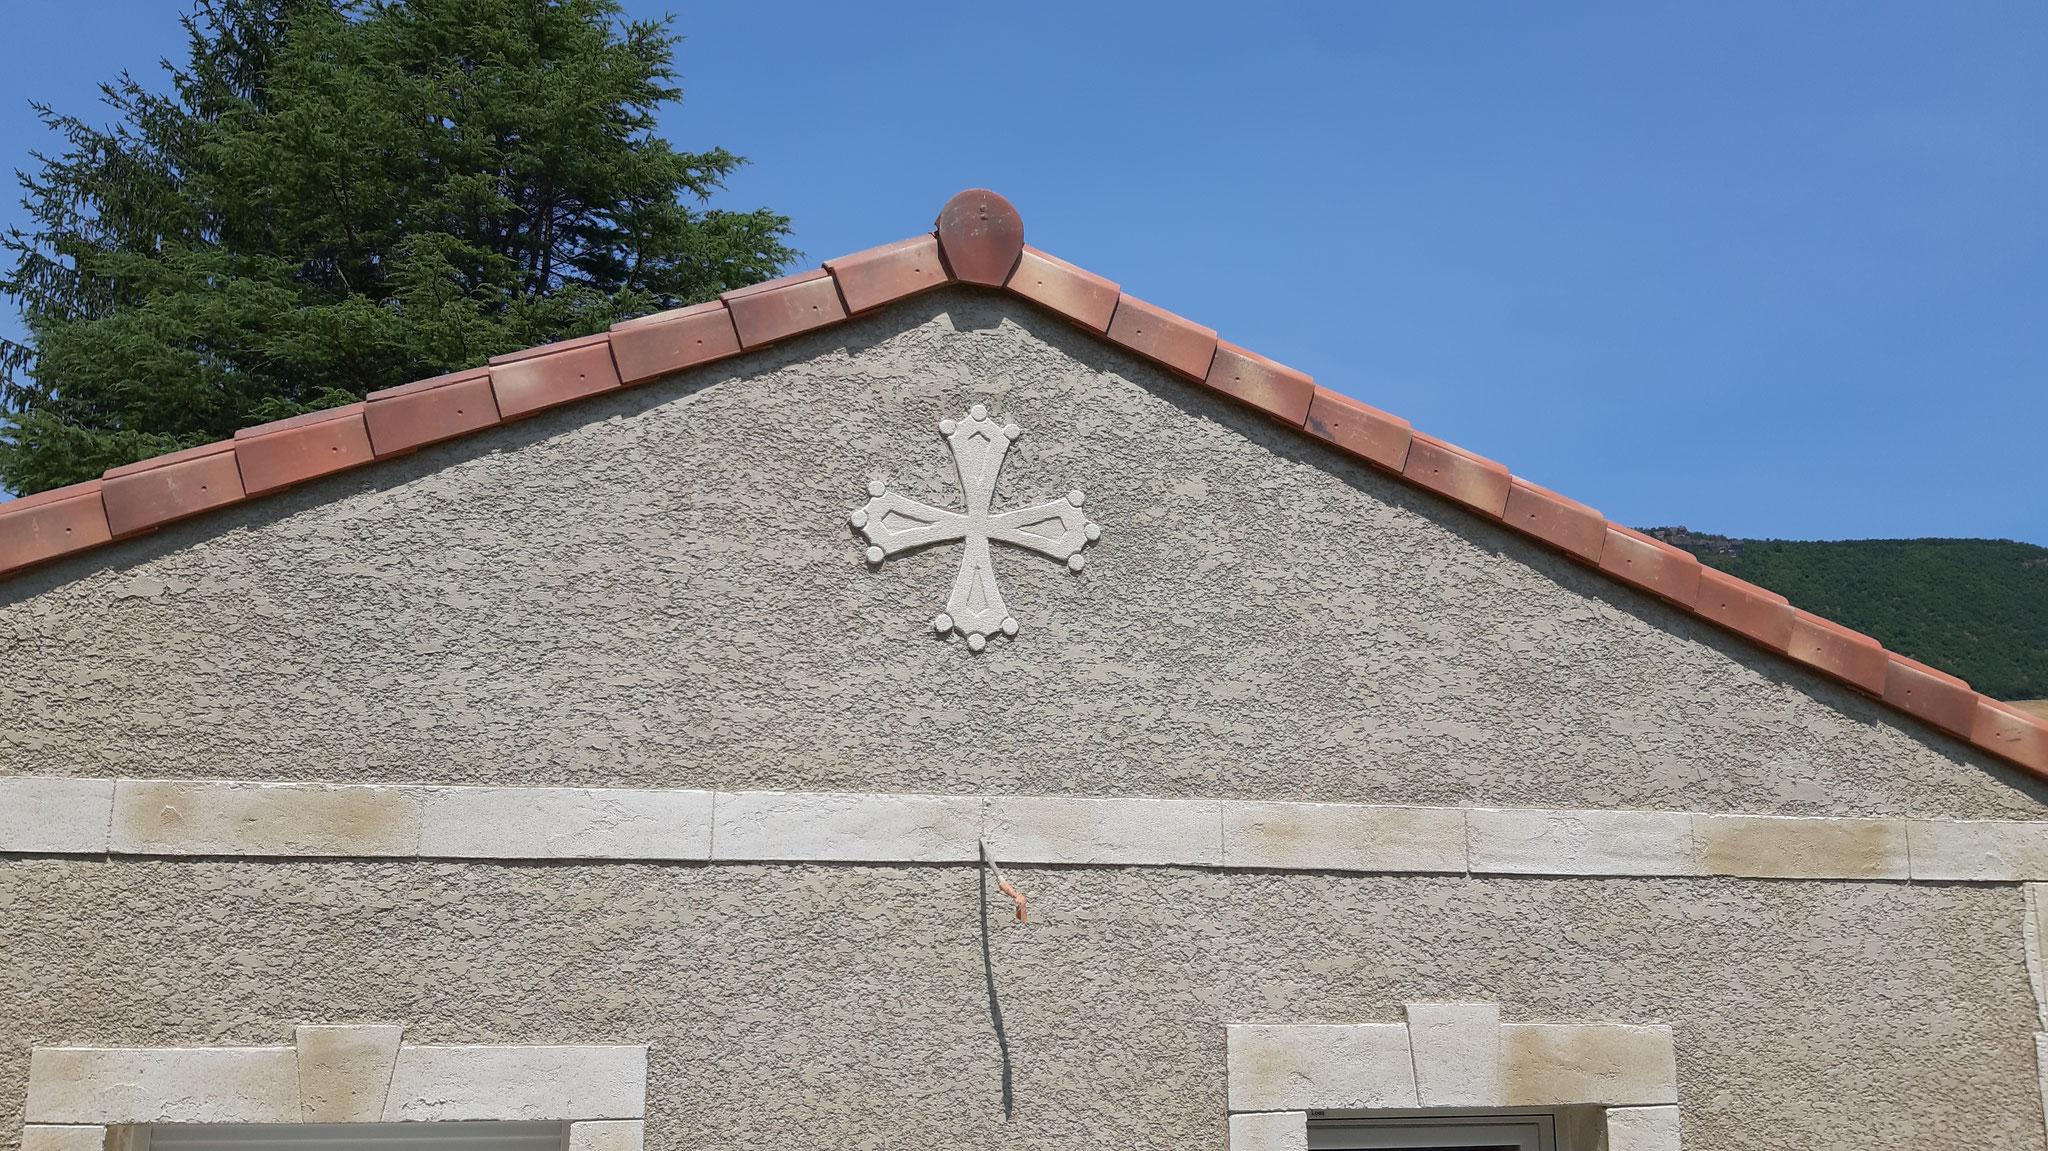 Croix du langudoc en décoration de façade en crépis finition écrasé